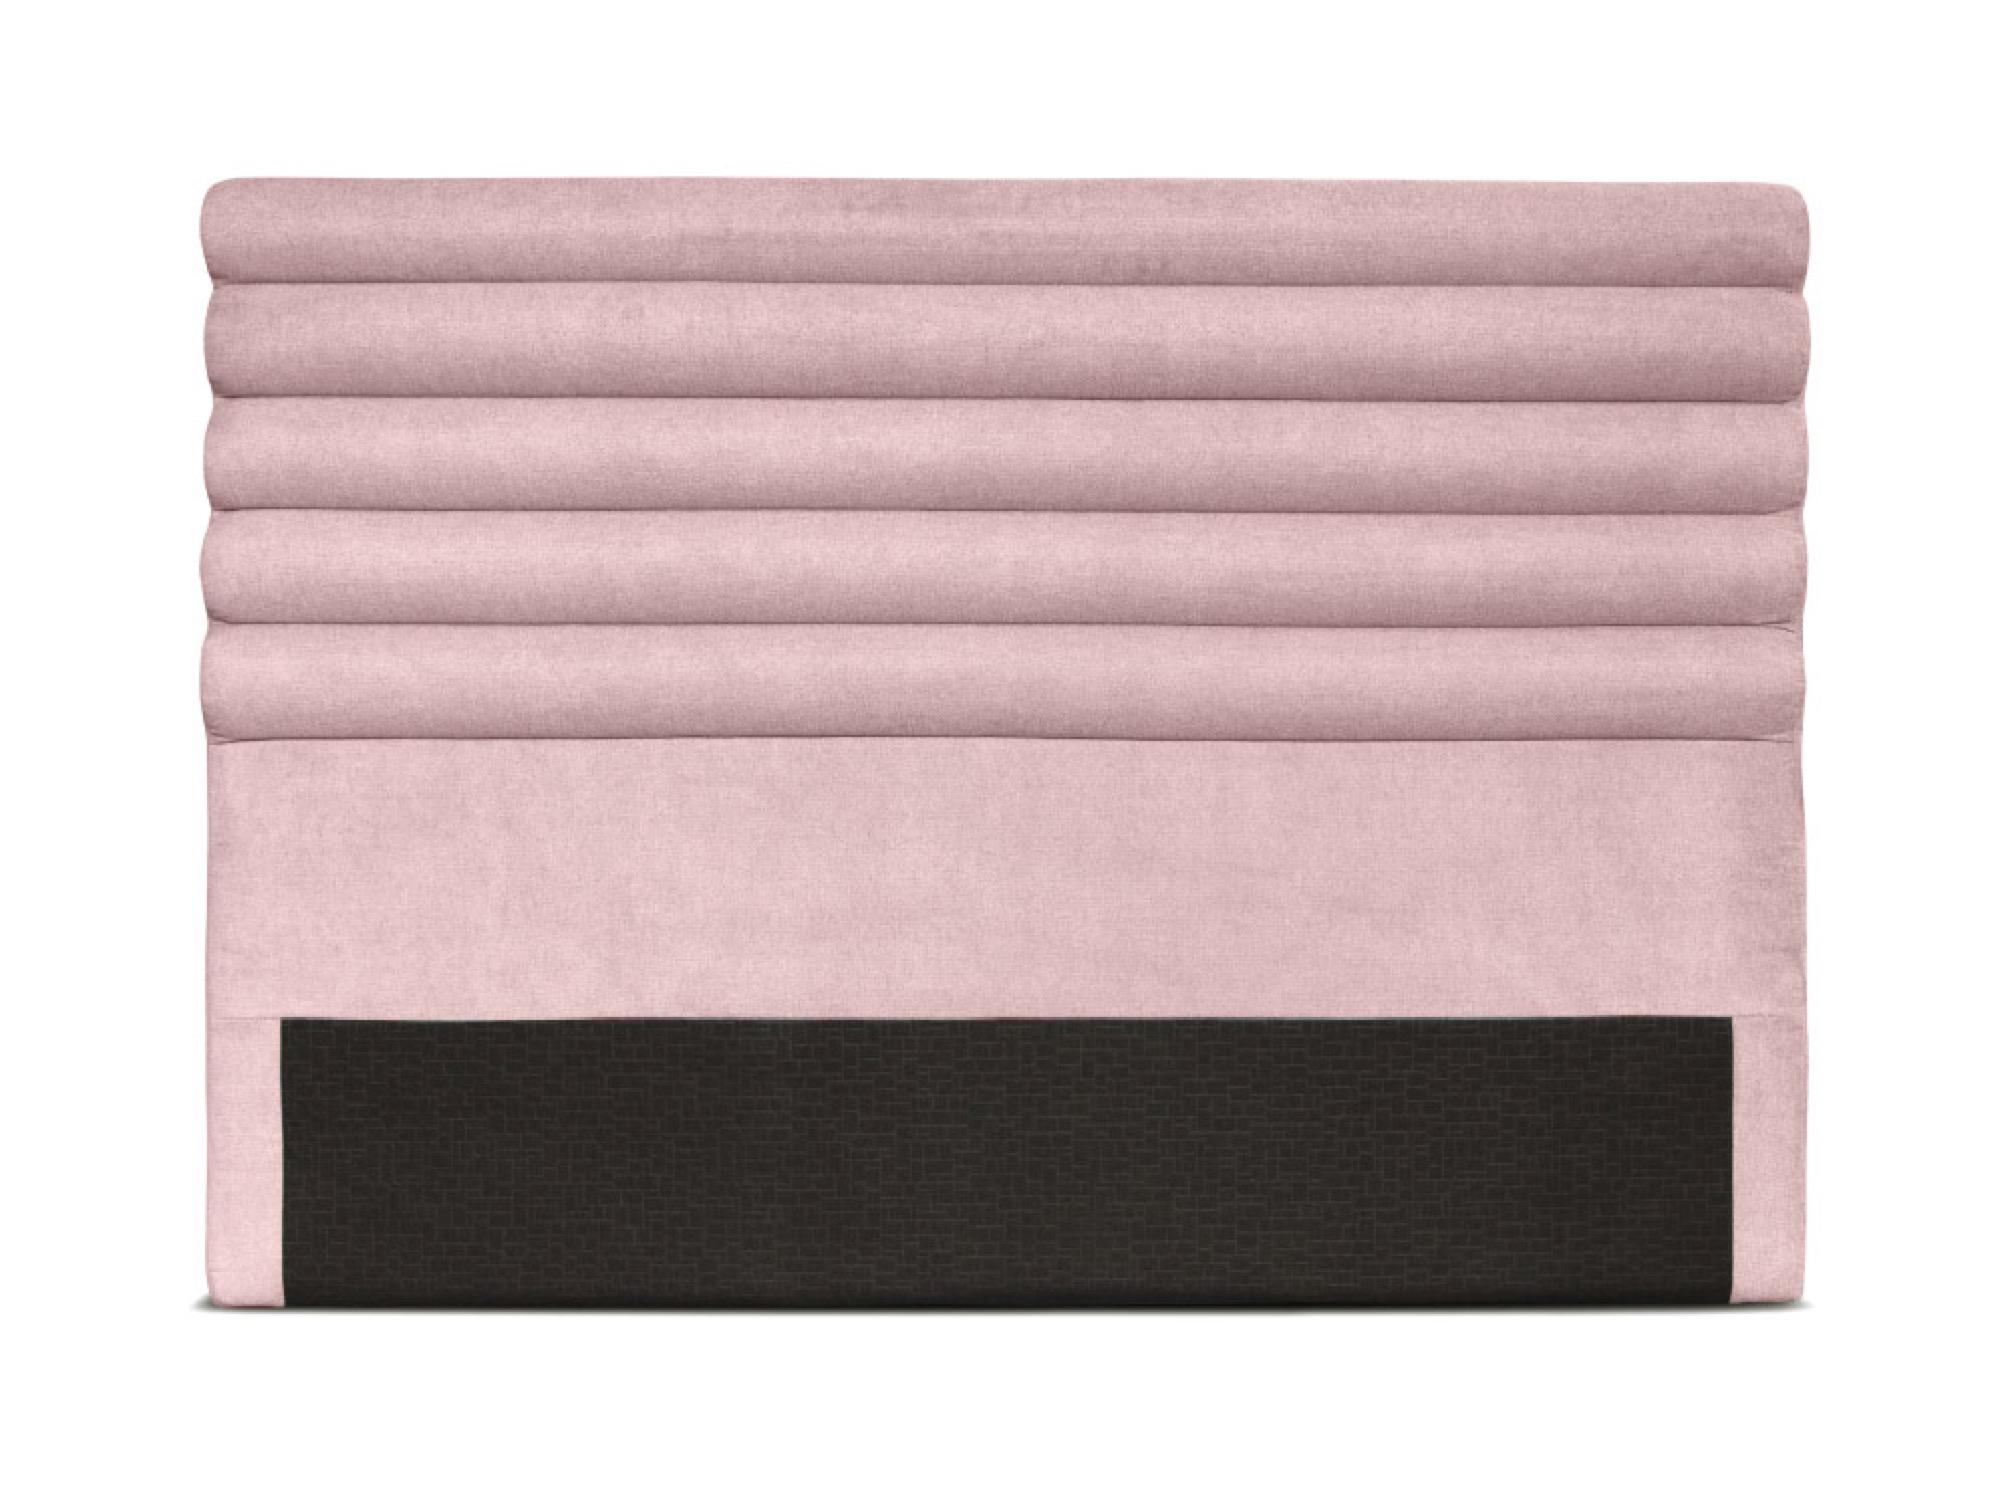 Tête de lit design en tissu rose - 140cm